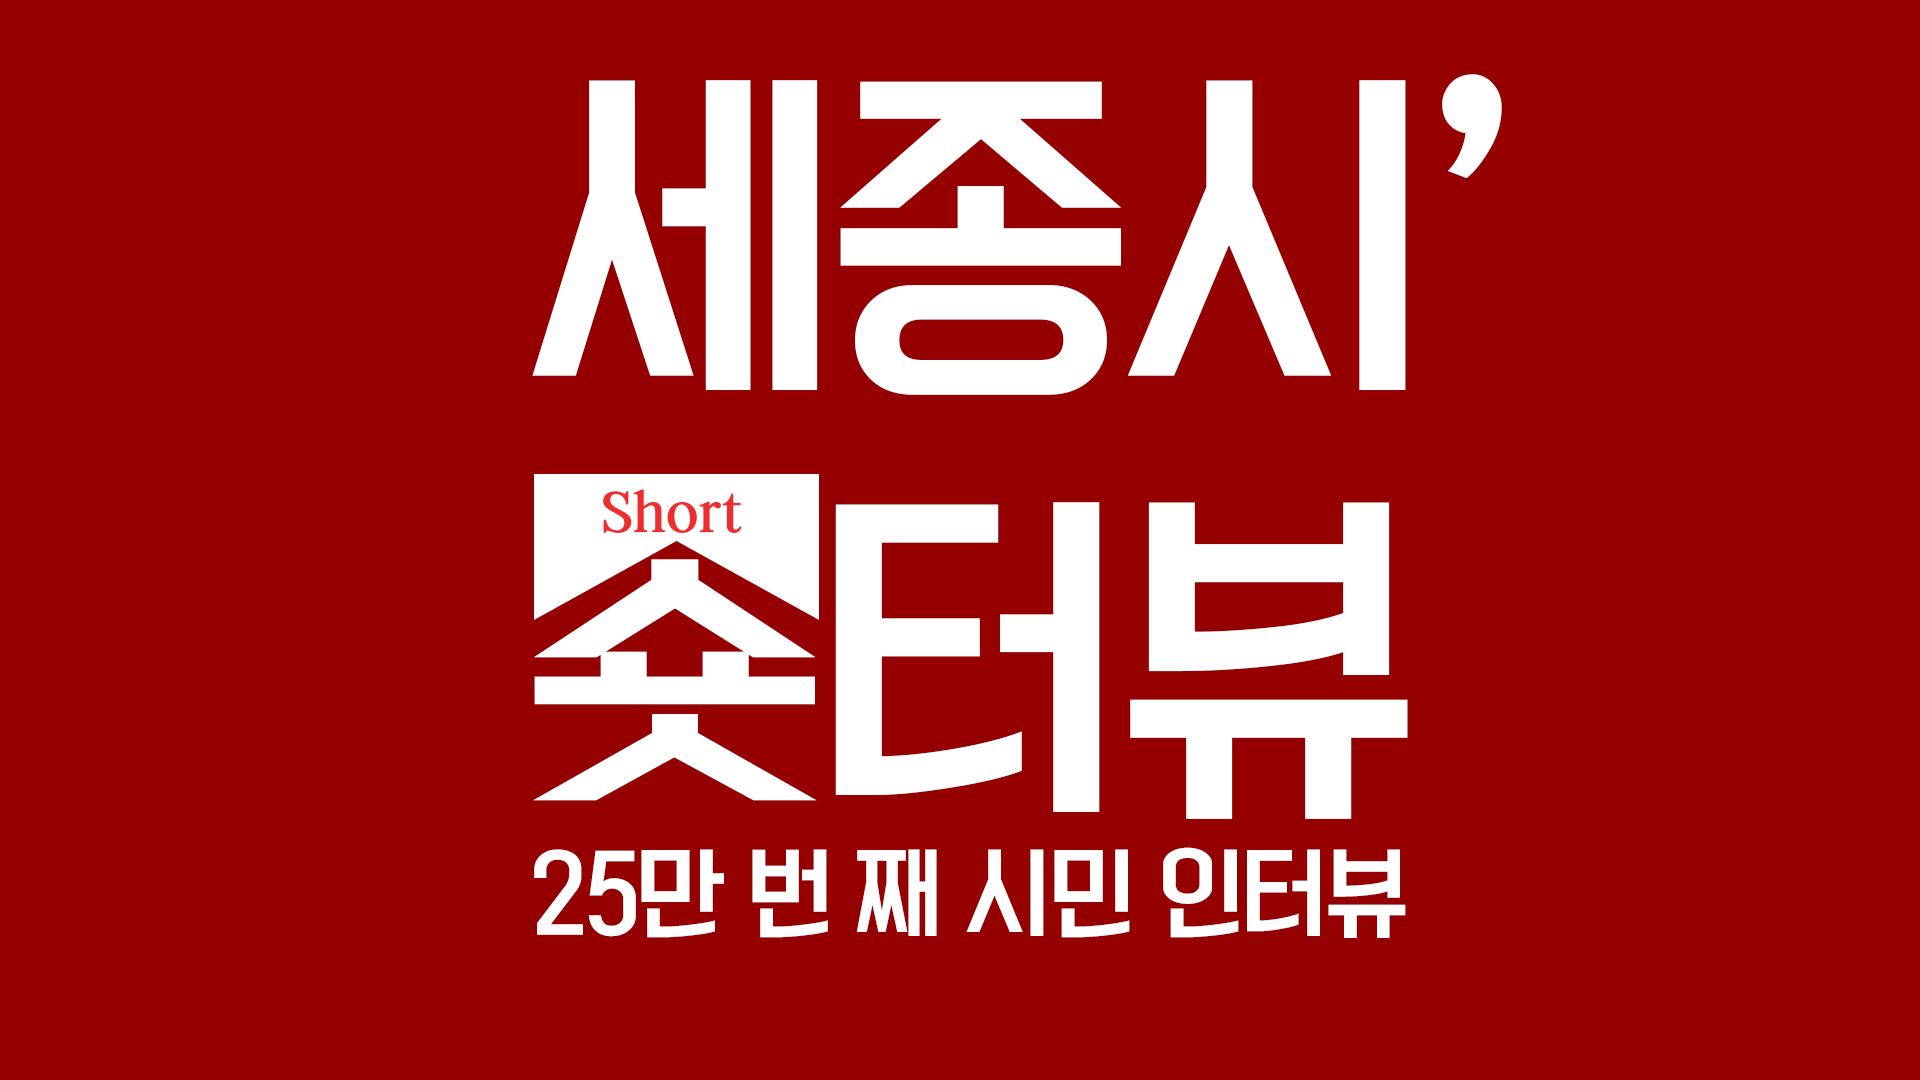 <세종시 숏터뷰> 25만번째 시민 인터뷰